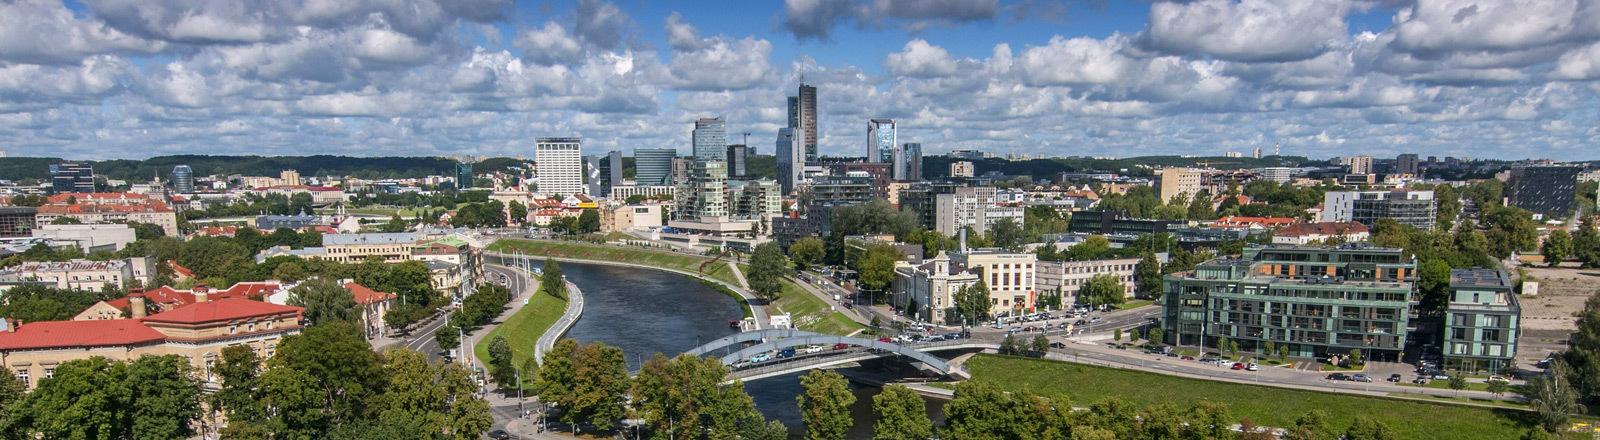 Die Hauptstadt Vilnius in Litauen.